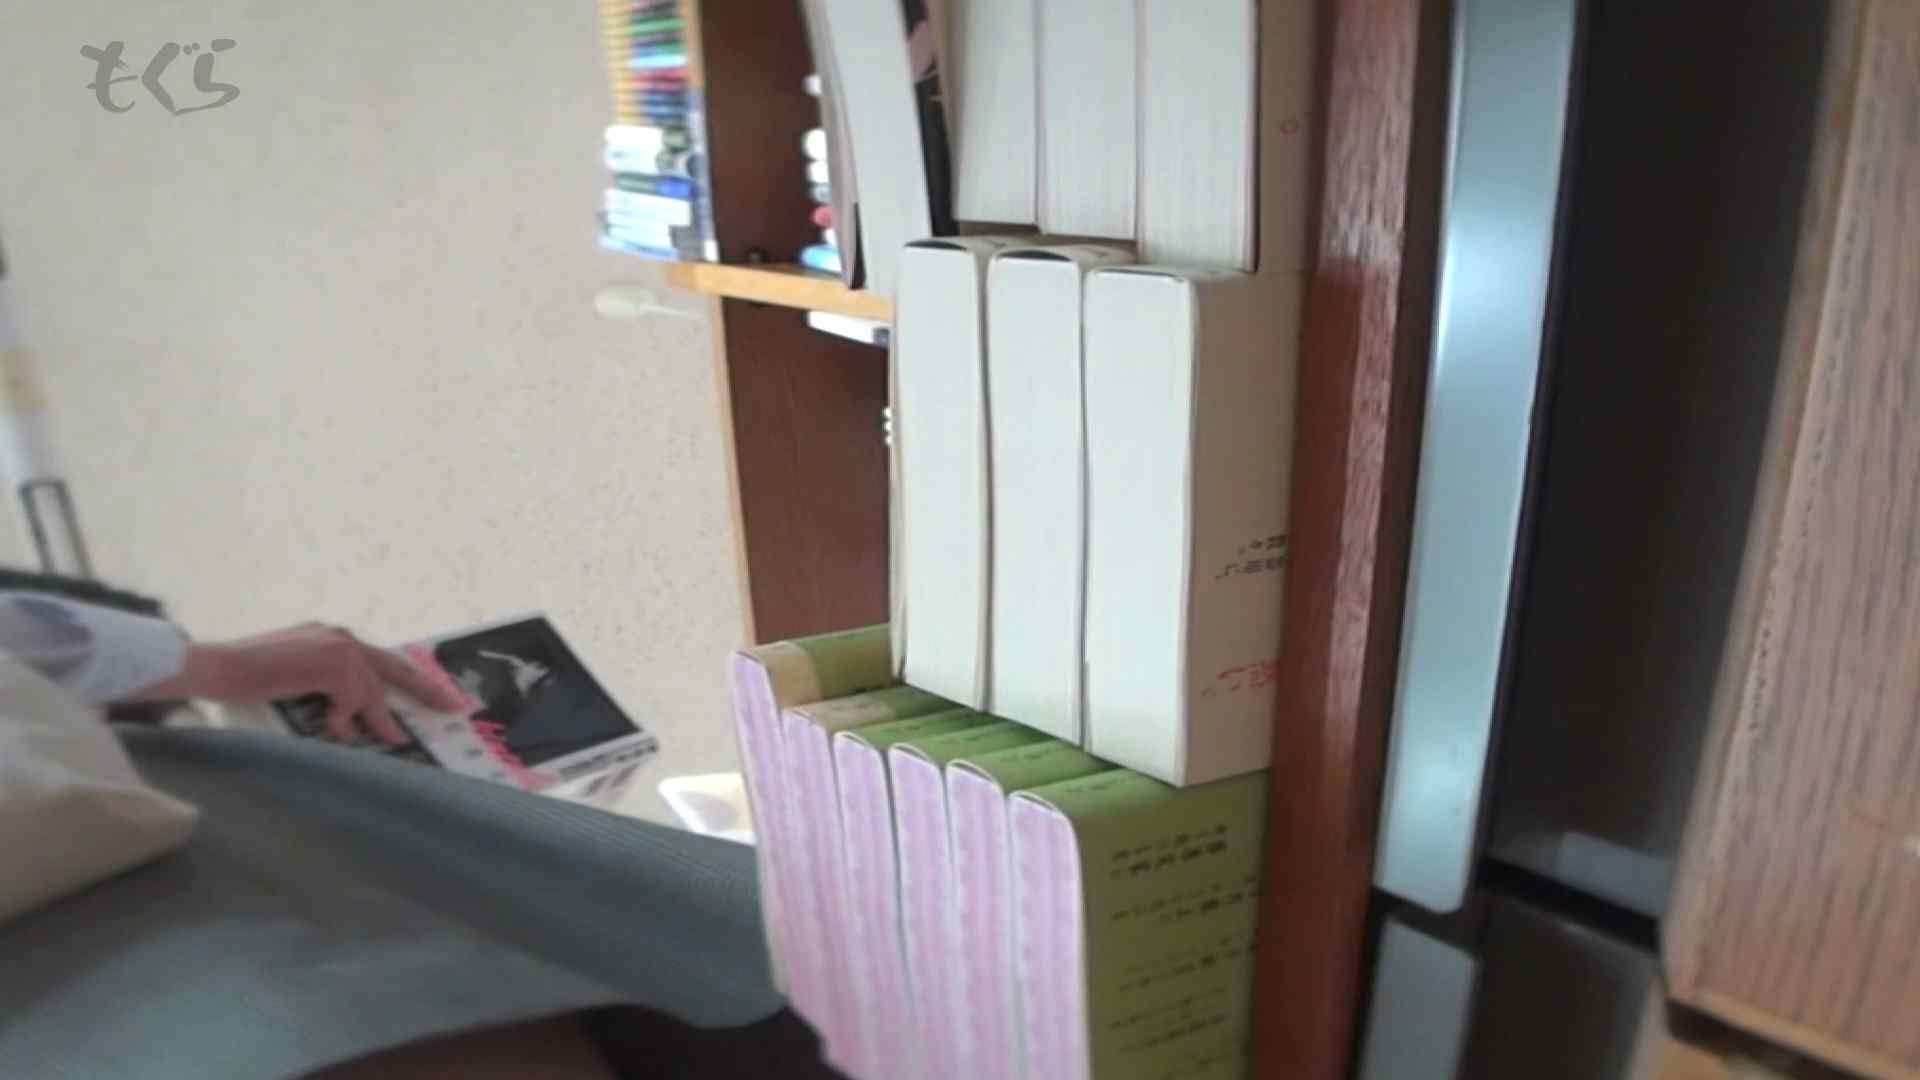 隣から【期間限定品】No.02 文庫女子はやはり白パン!! 高画質 ヌード画像 96枚 76